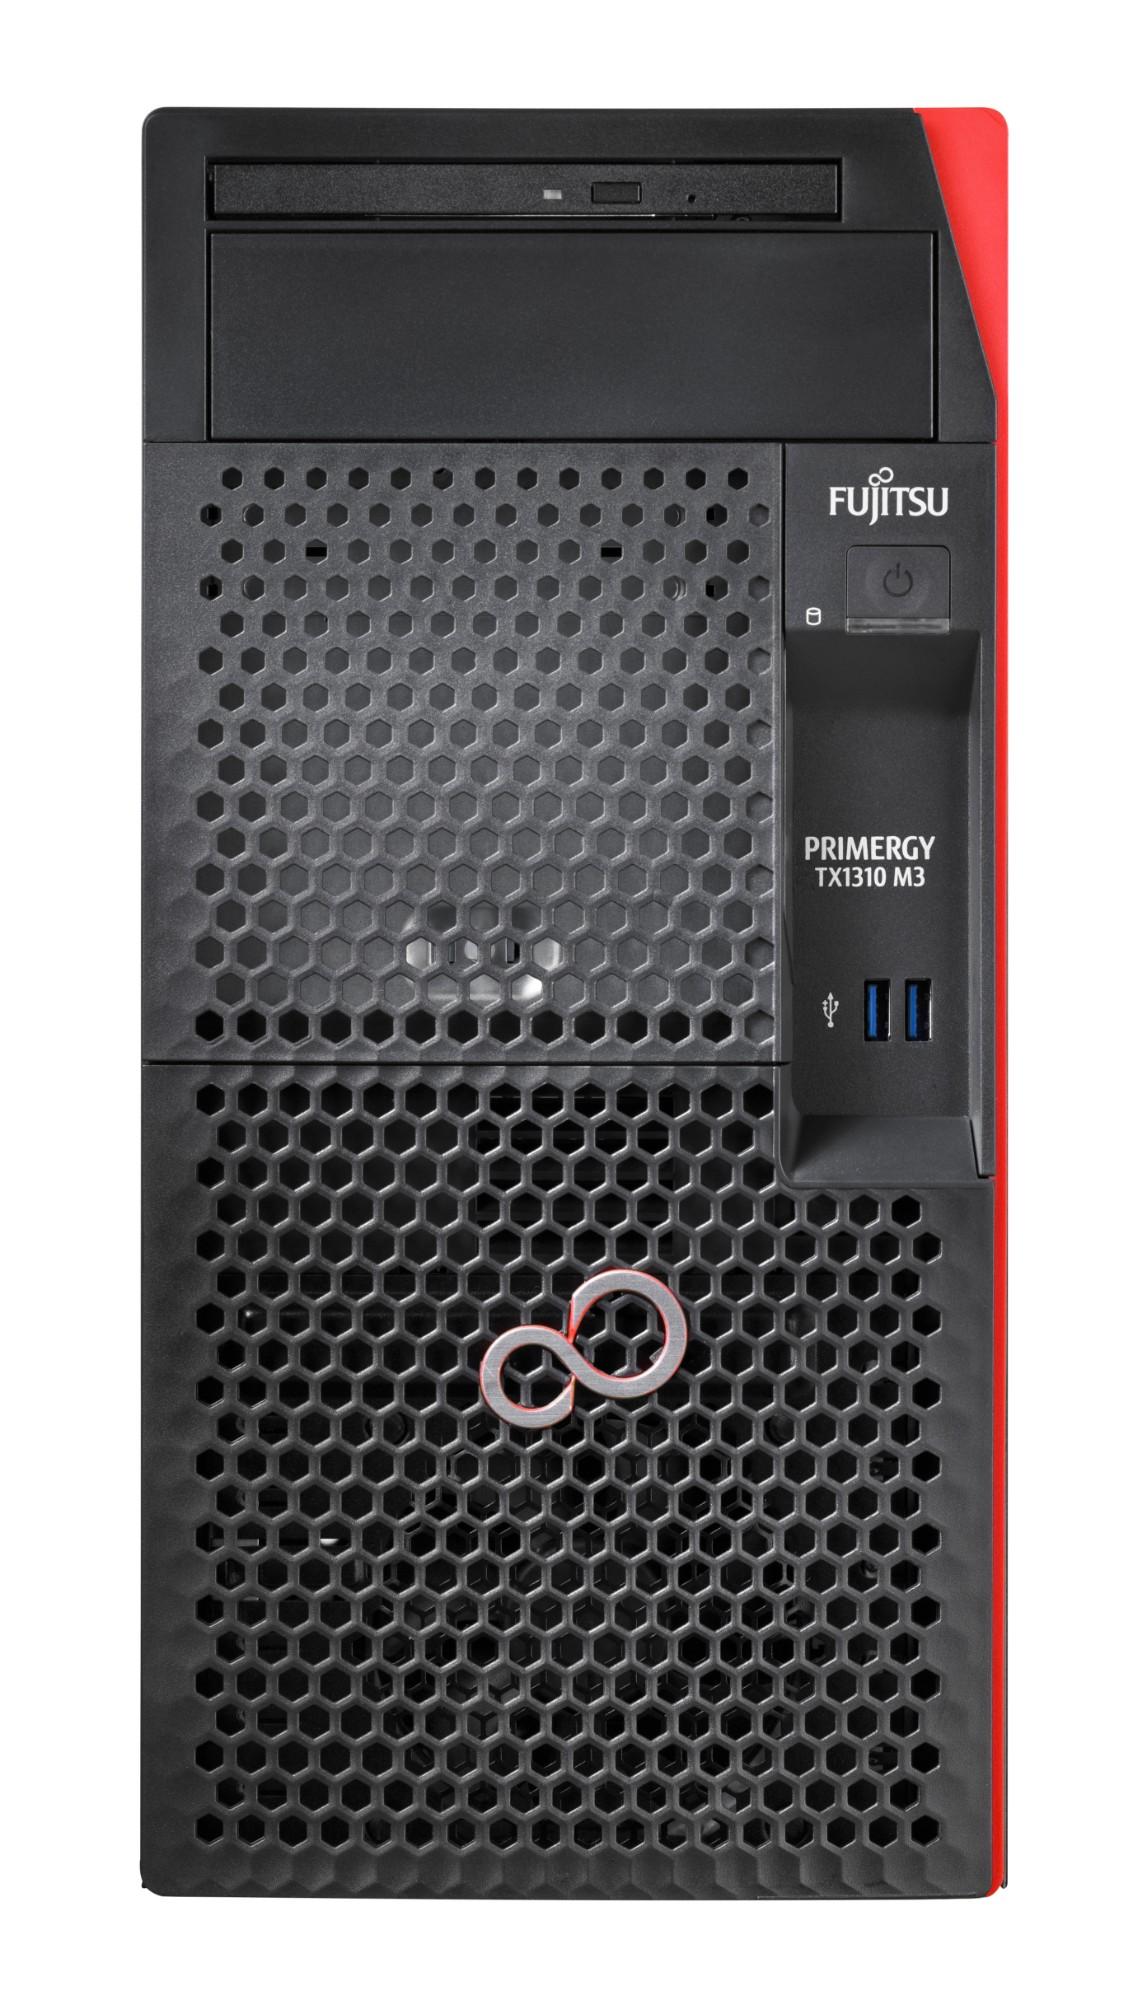 Fujitsu PRIMERGY TX1310 M3 servidor Intel® Xeon® E3 v6 3 GHz 8 GB DDR4-SDRAM Tower 250 W